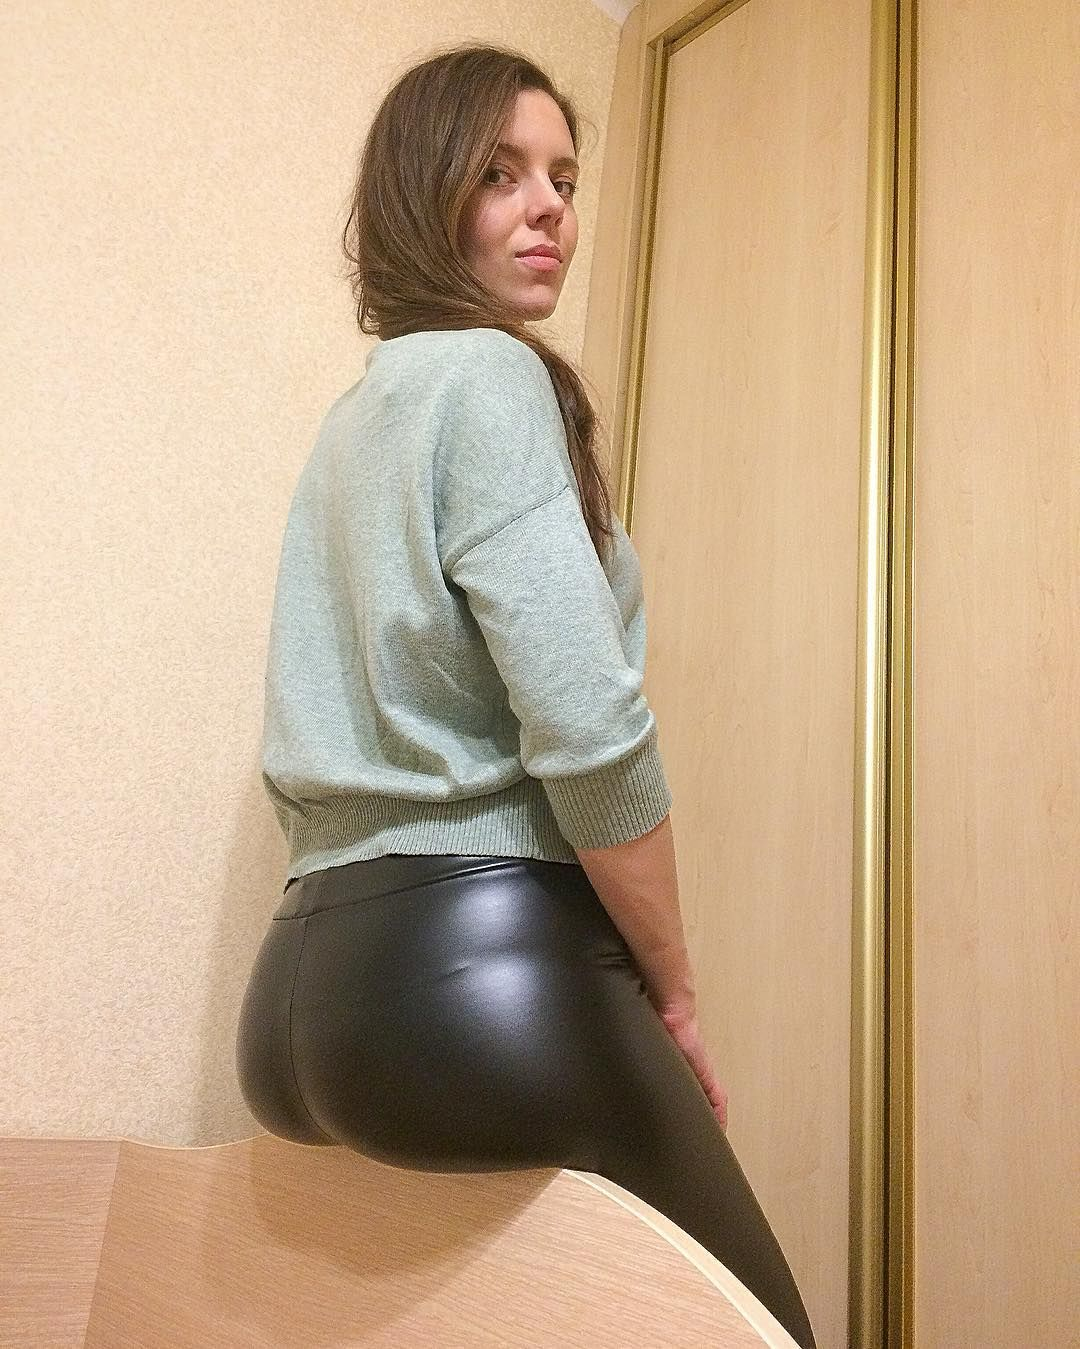 shiny pants butt leather Amateur